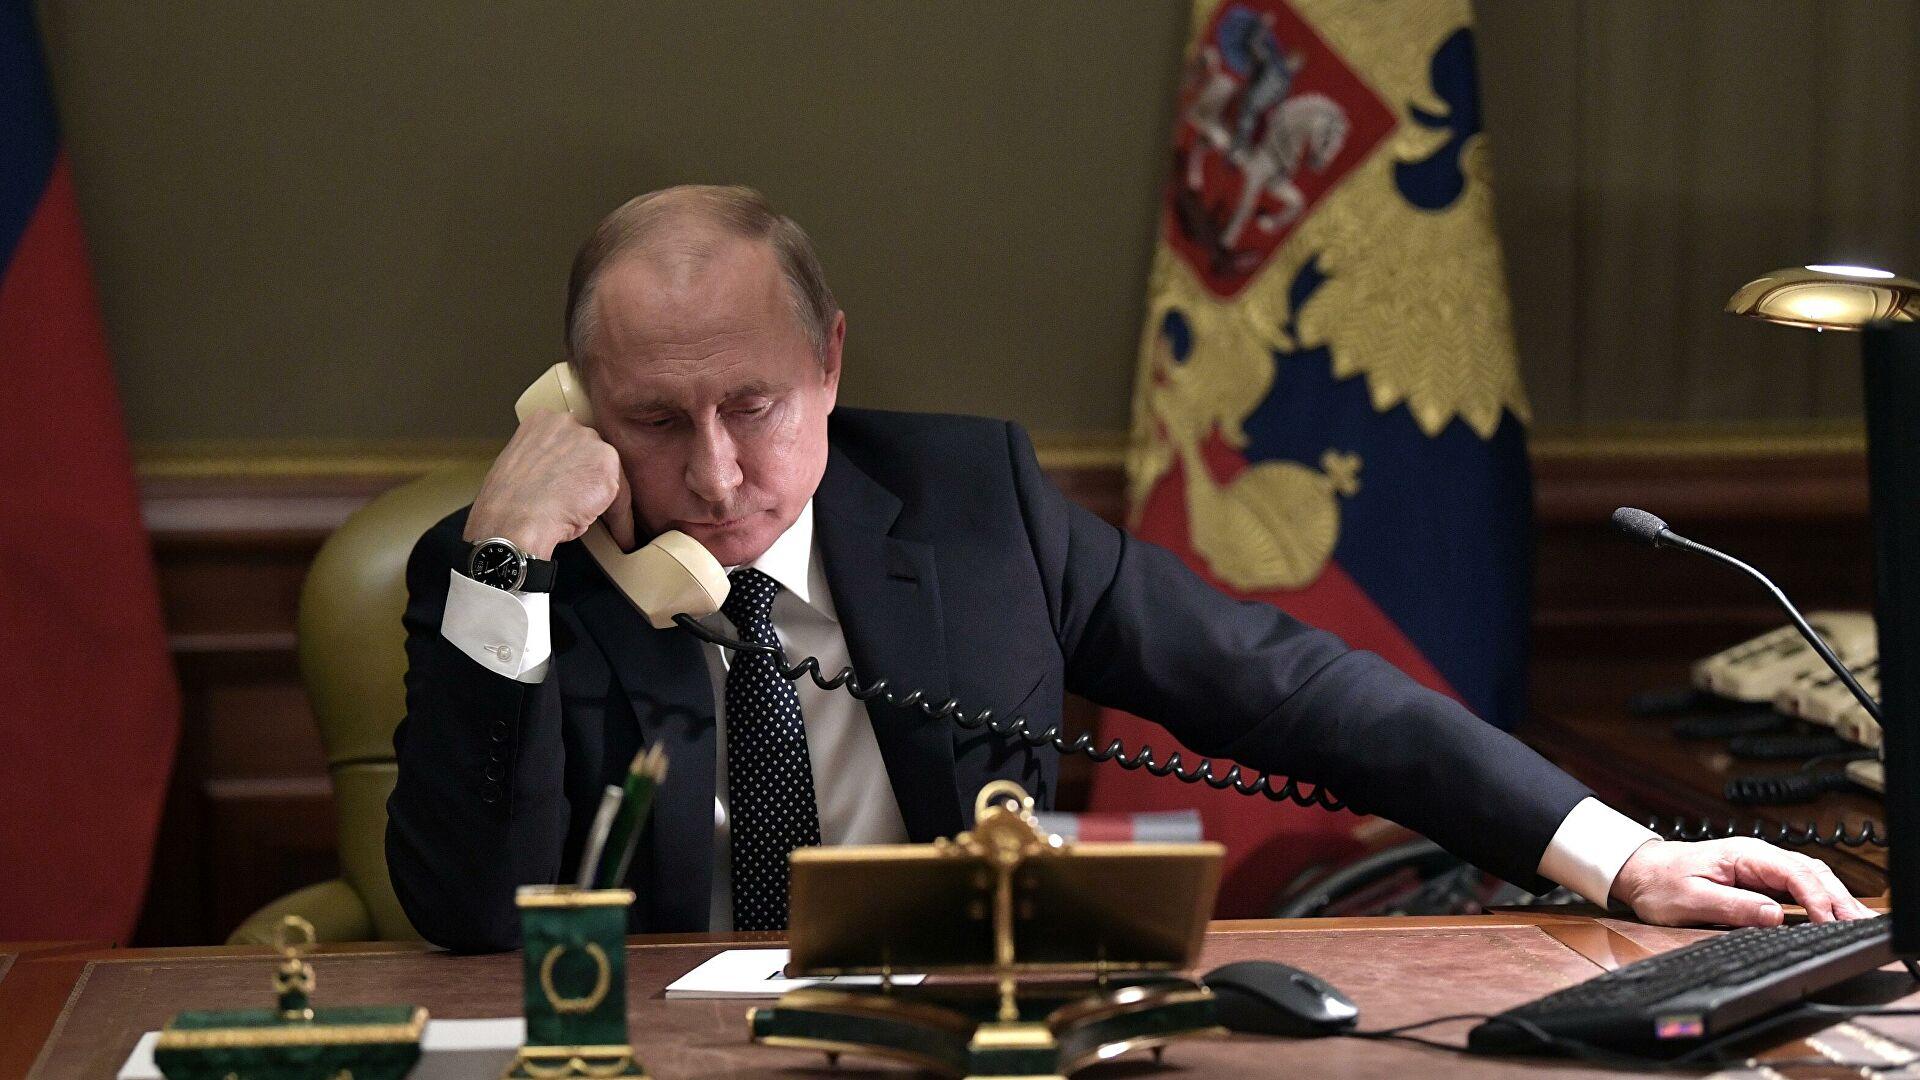 Путин и Бајден разговарали о билатералним односима и међународним питањима